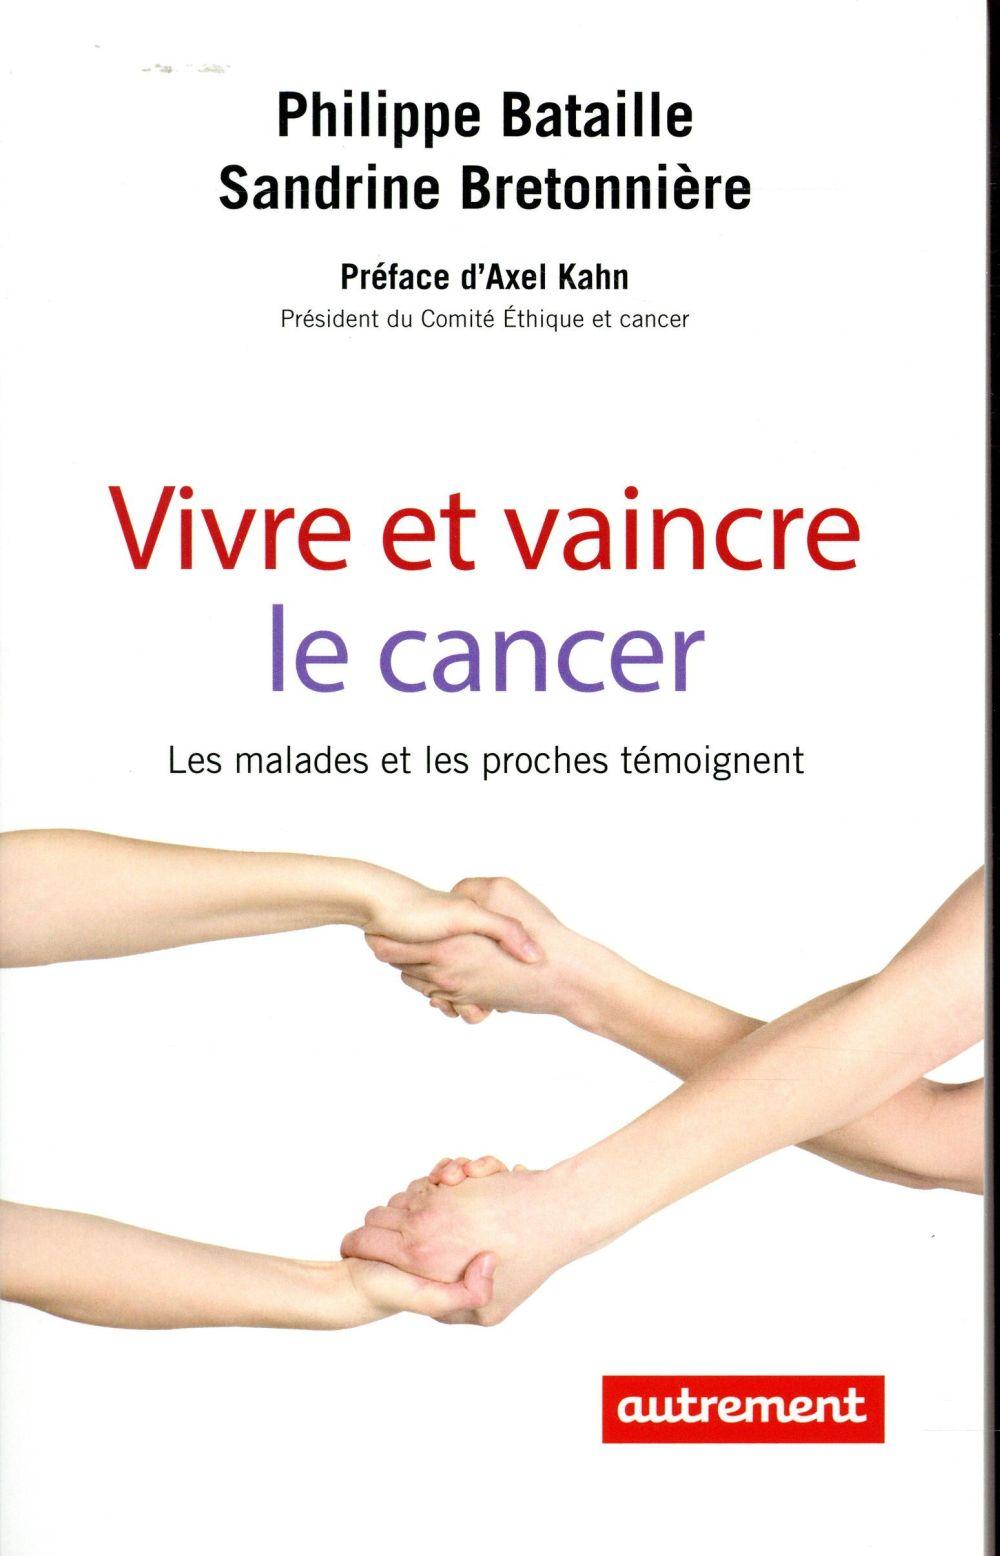 Vivre et vaincre le cancer ; les malades et les proches témoignent